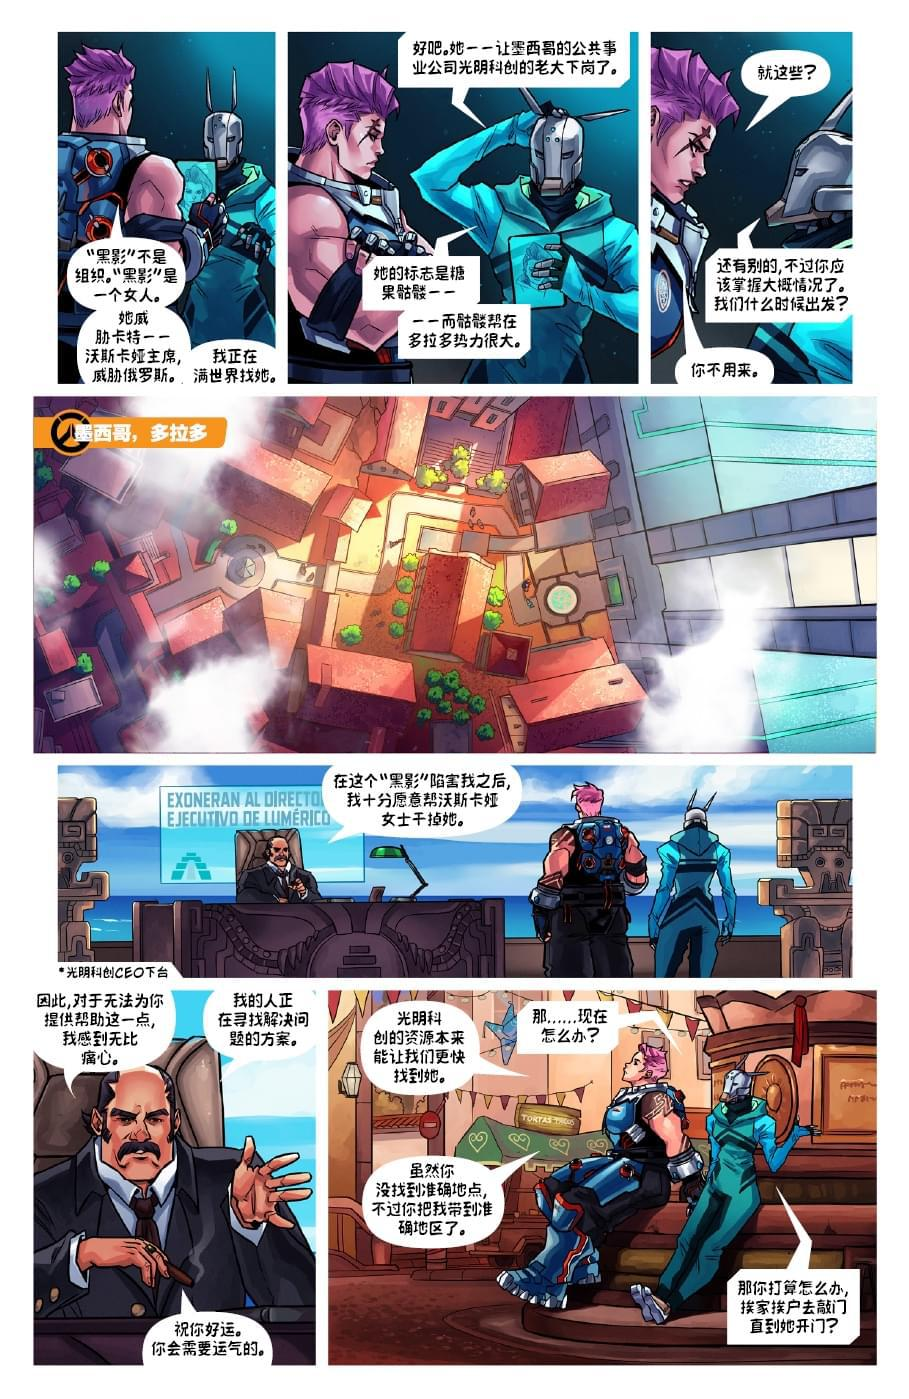 守望先锋新数字漫画《搜索》发布:查莉娅的迷茫